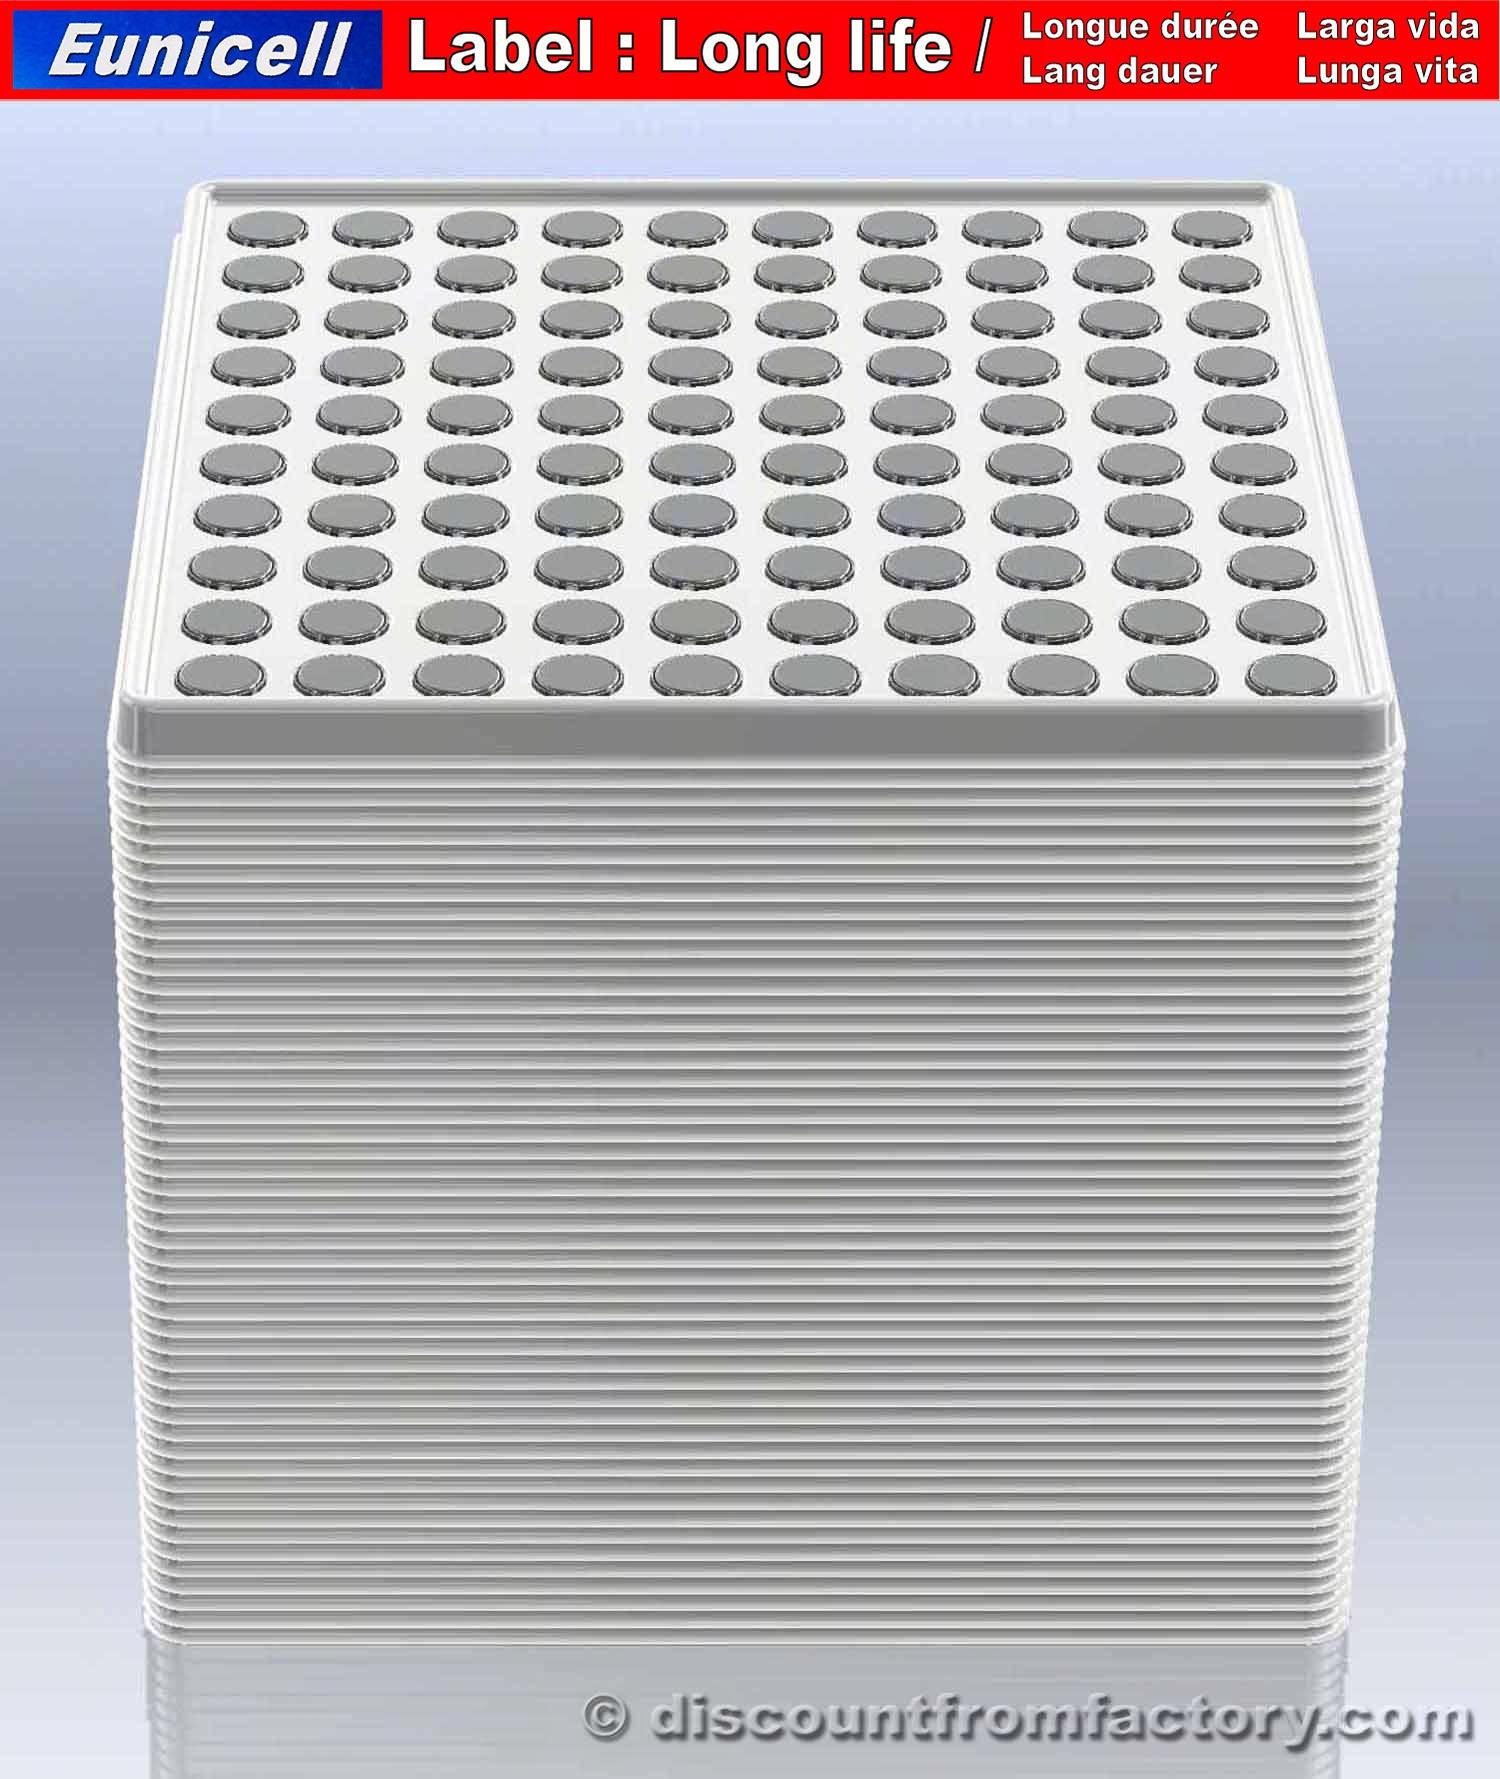 Lot-de-3-piles-Bouton-Alcalines-AG11-100-compatible-avec-Philips-362